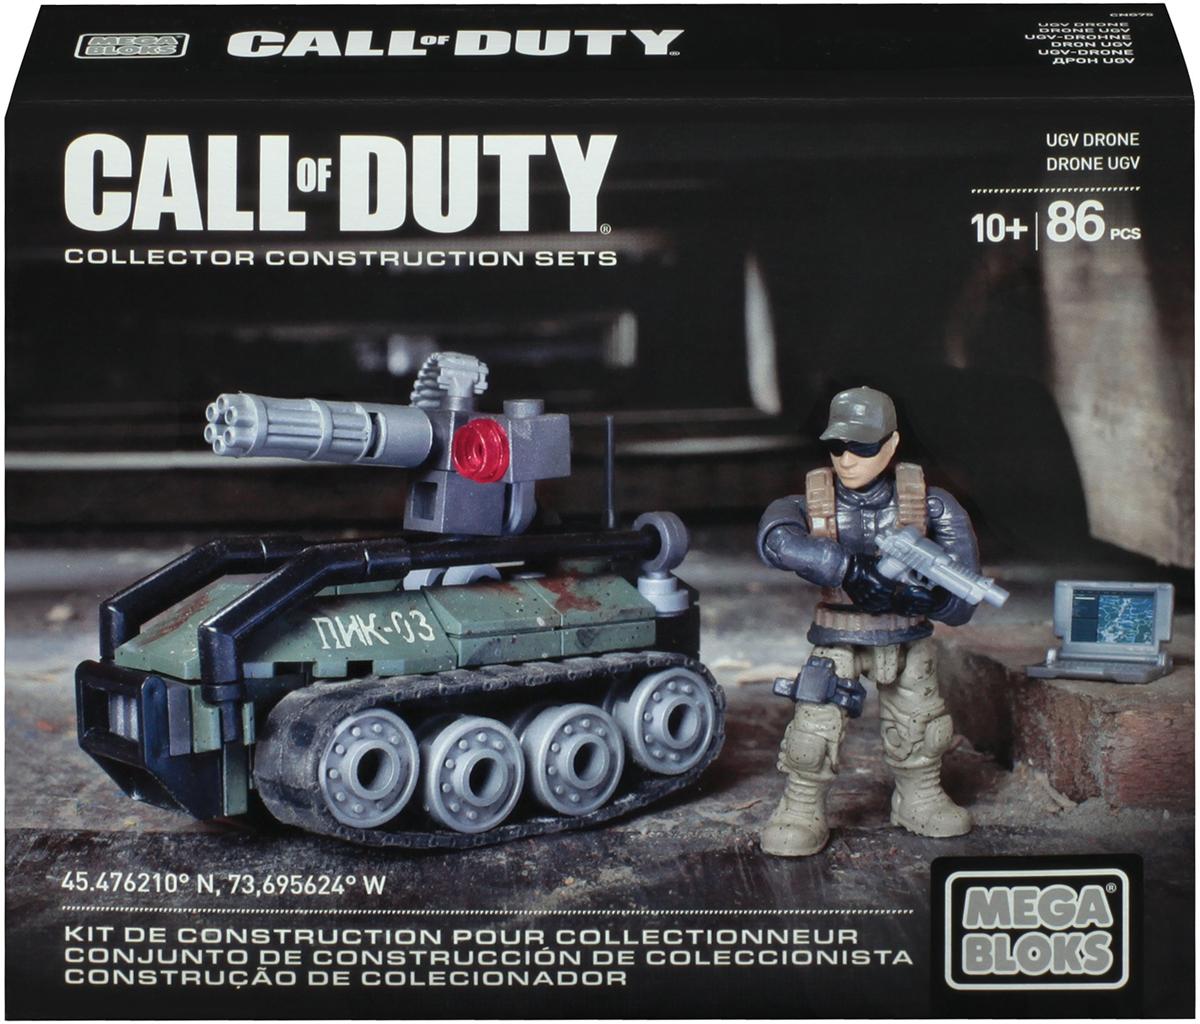 Mega Bloks Call Of Duty Конструктор Беспилотный наземный аппарат Drone mega bloks call of duty конструктор ghost rappel fighter